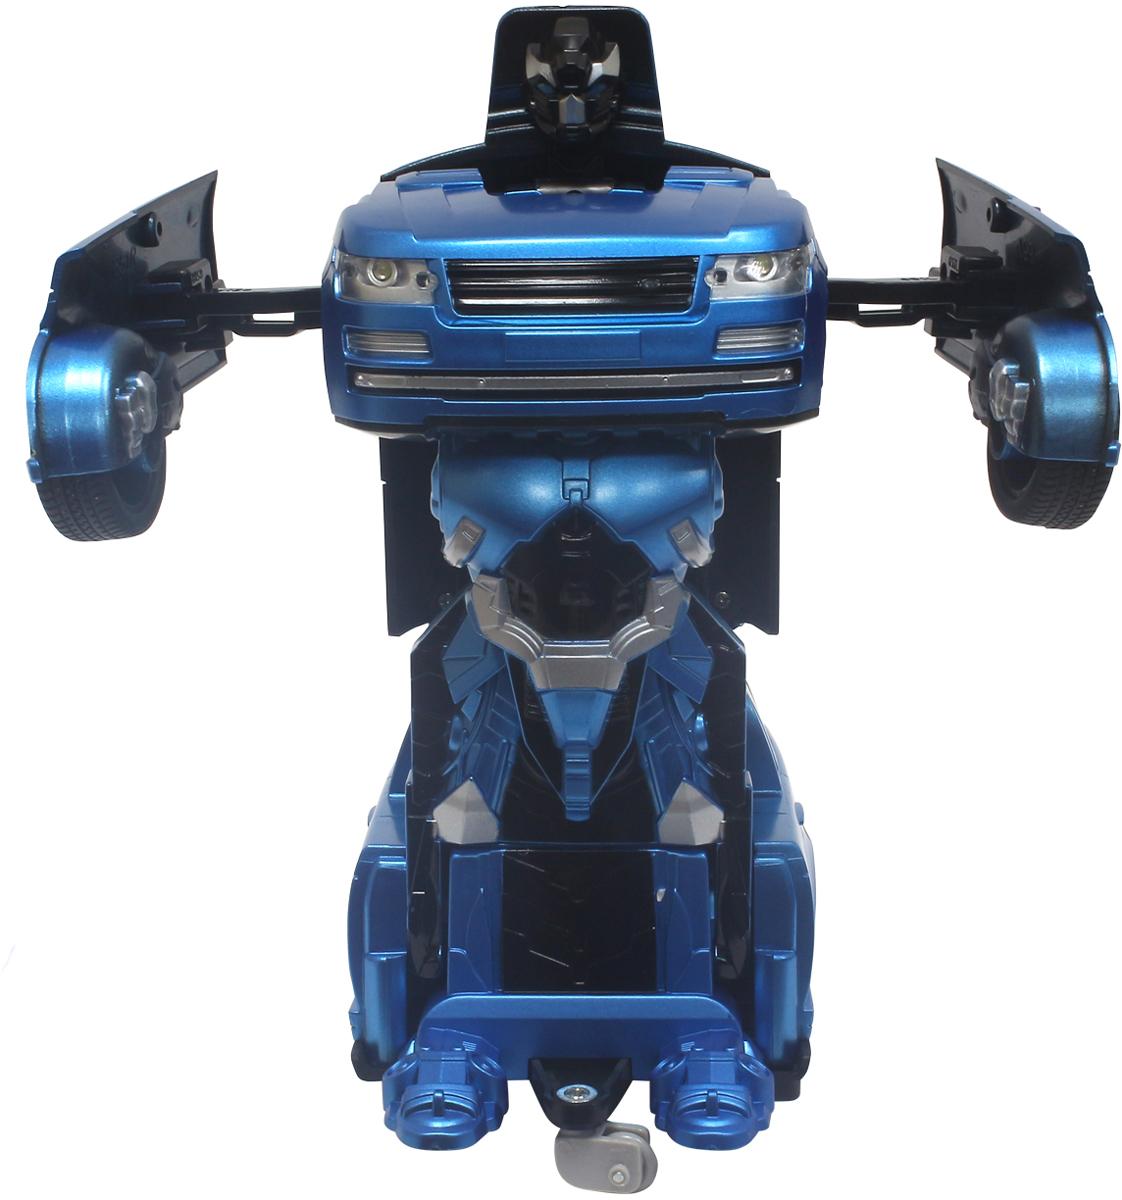 1TOY Робот-трансформер на радиоуправлении Джип цвет синий конструкторы 1toy конструктор формула 1toy гоночный джип 90 деталей